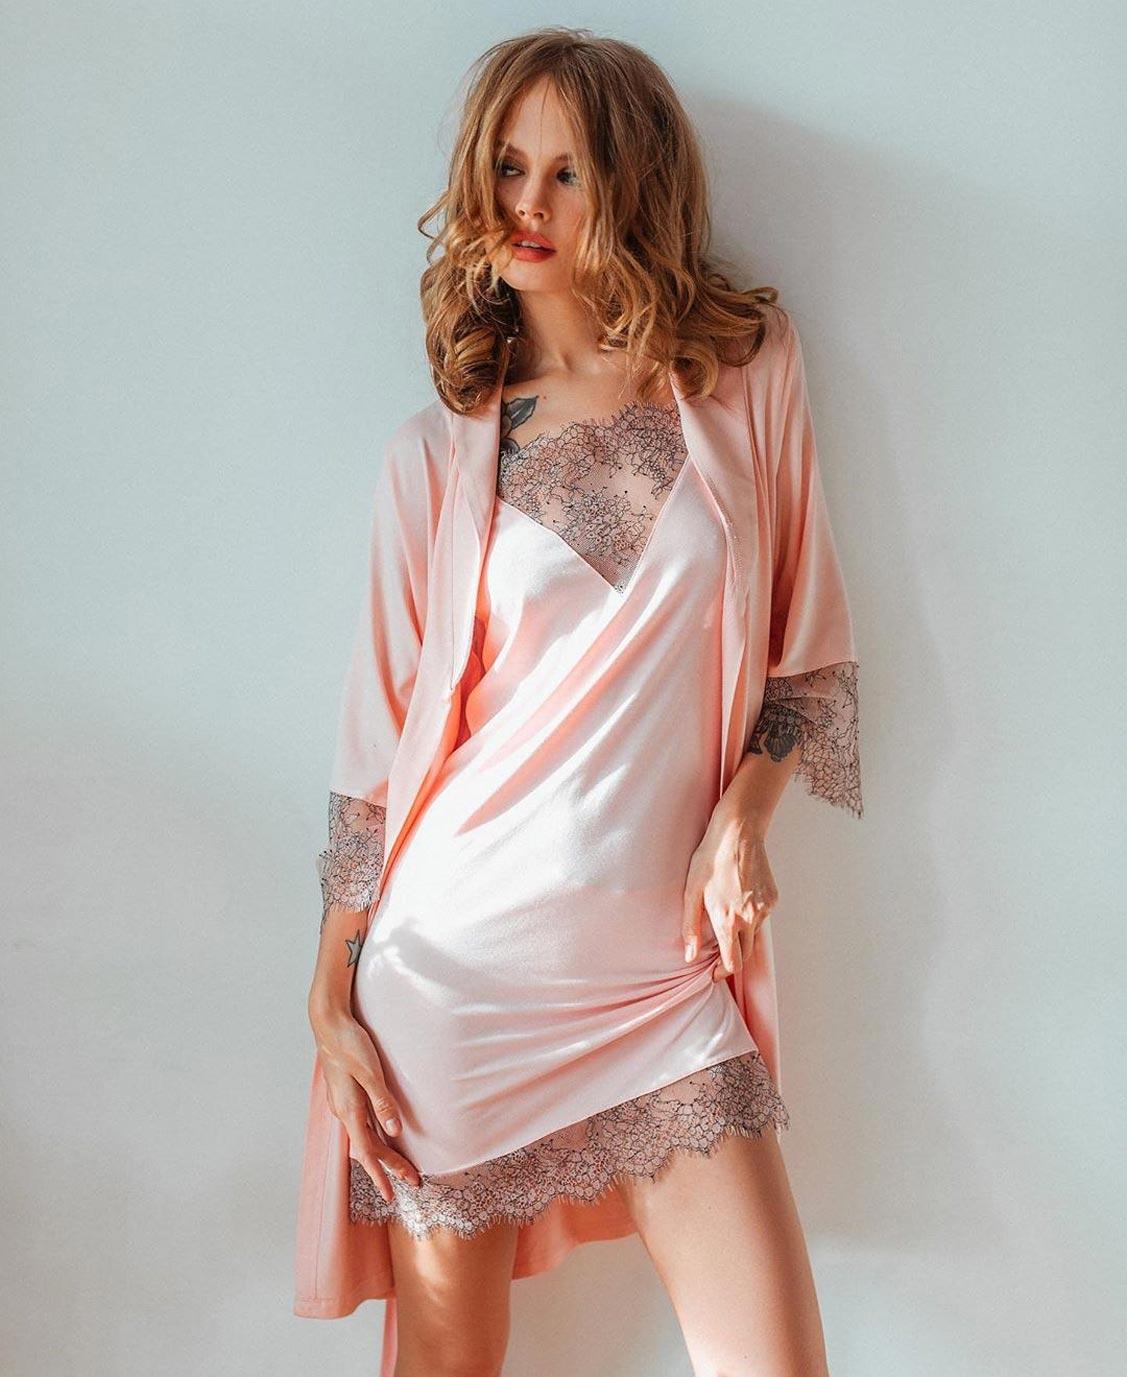 Анастасия Щеглова в нижнем белье торговой марки MissX / фото 46